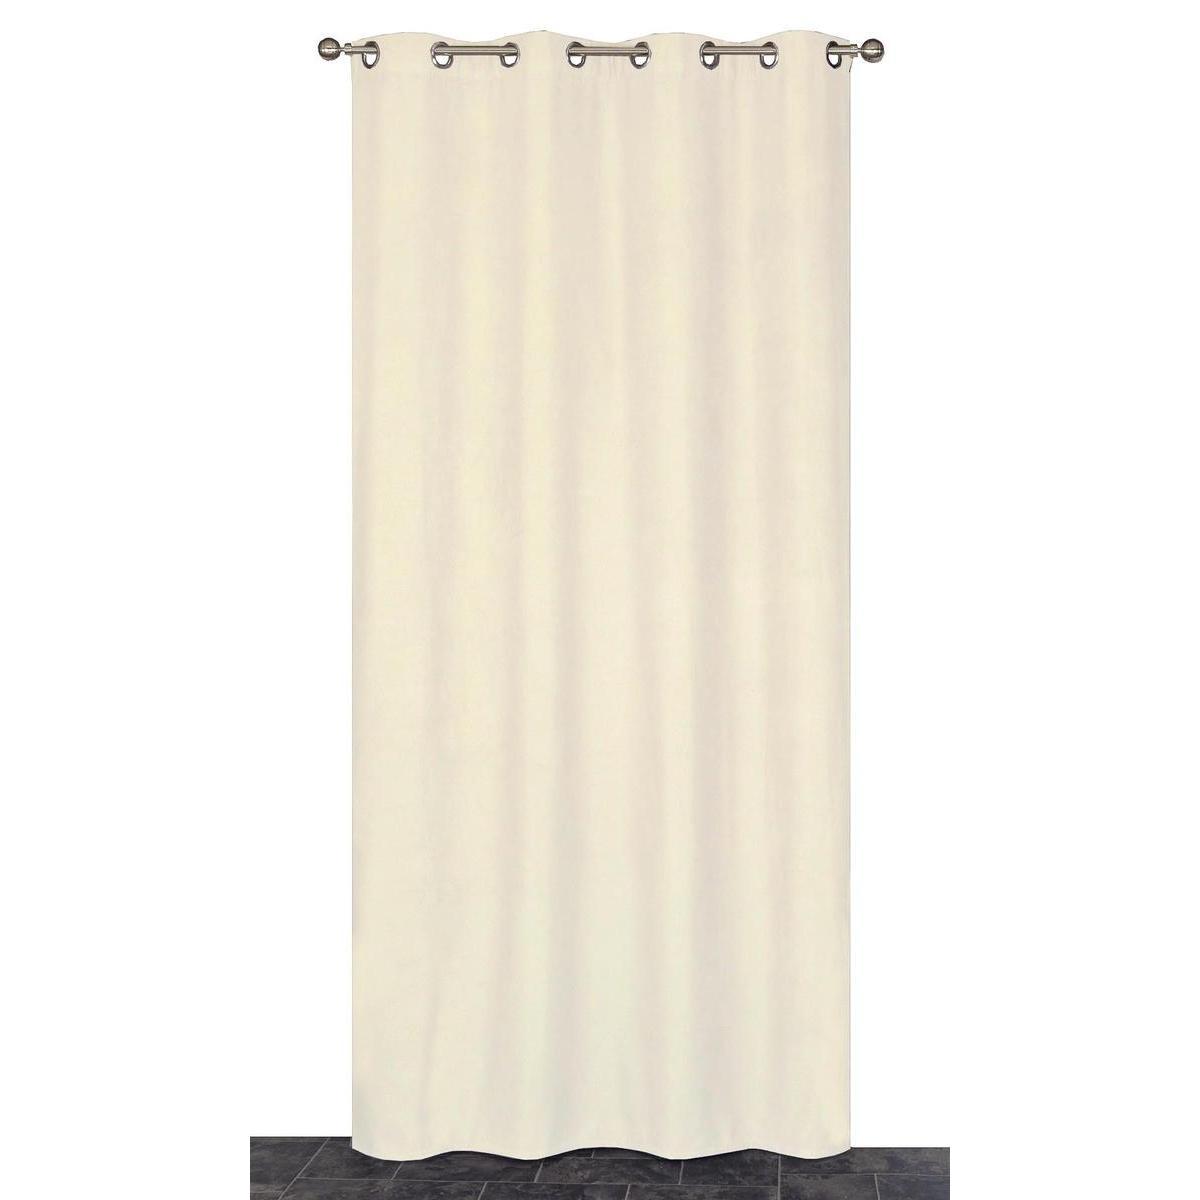 panneau isolant thermique 140 x 240